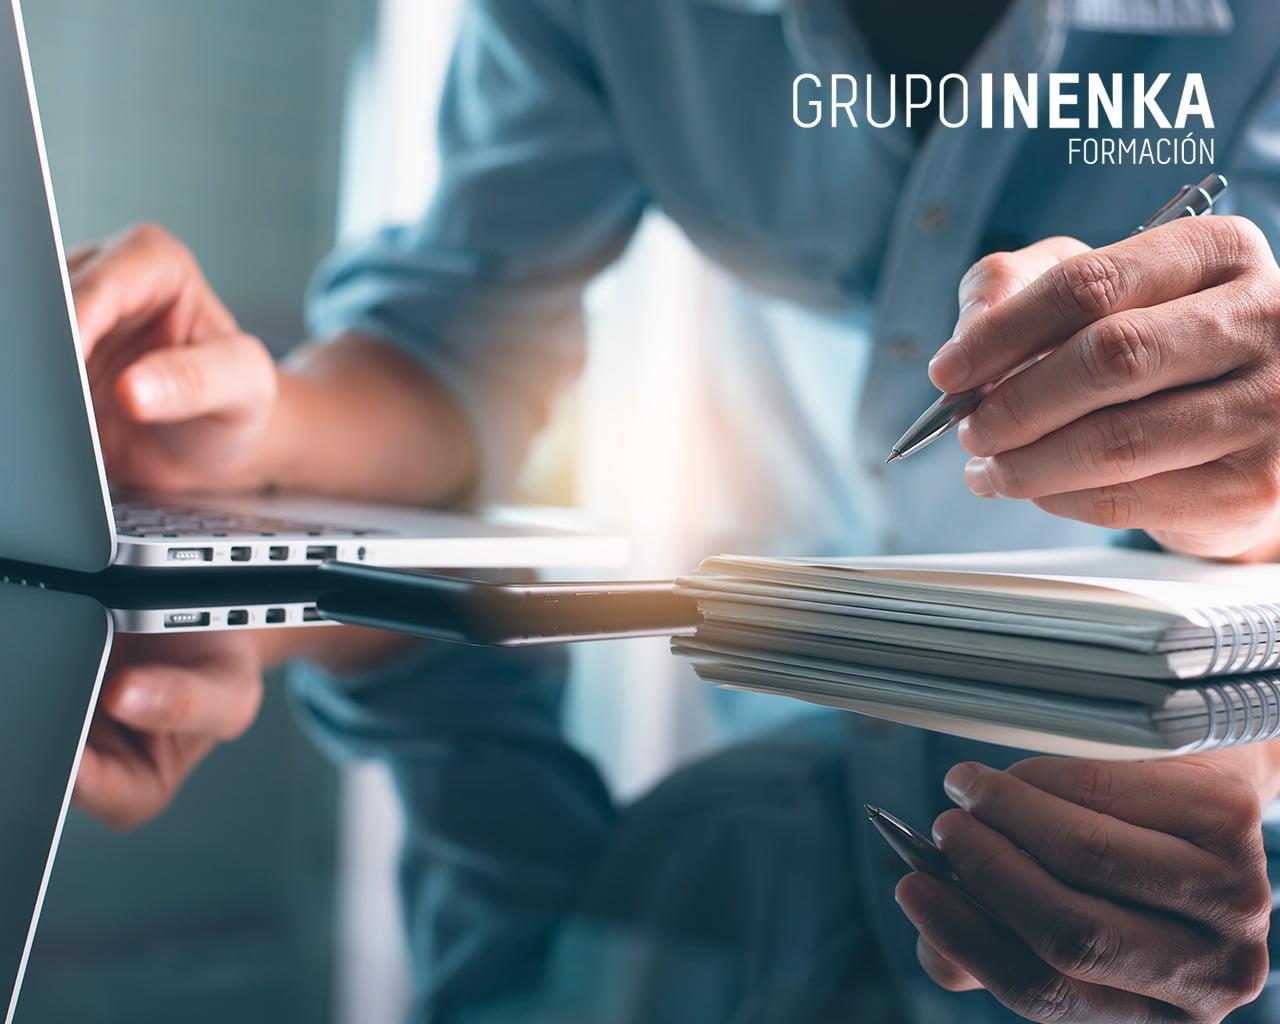 Grupo Inenka Formación se consolida como una institución pionera en cuanto a la promoción del emprendimiento y la dirección de empresas.